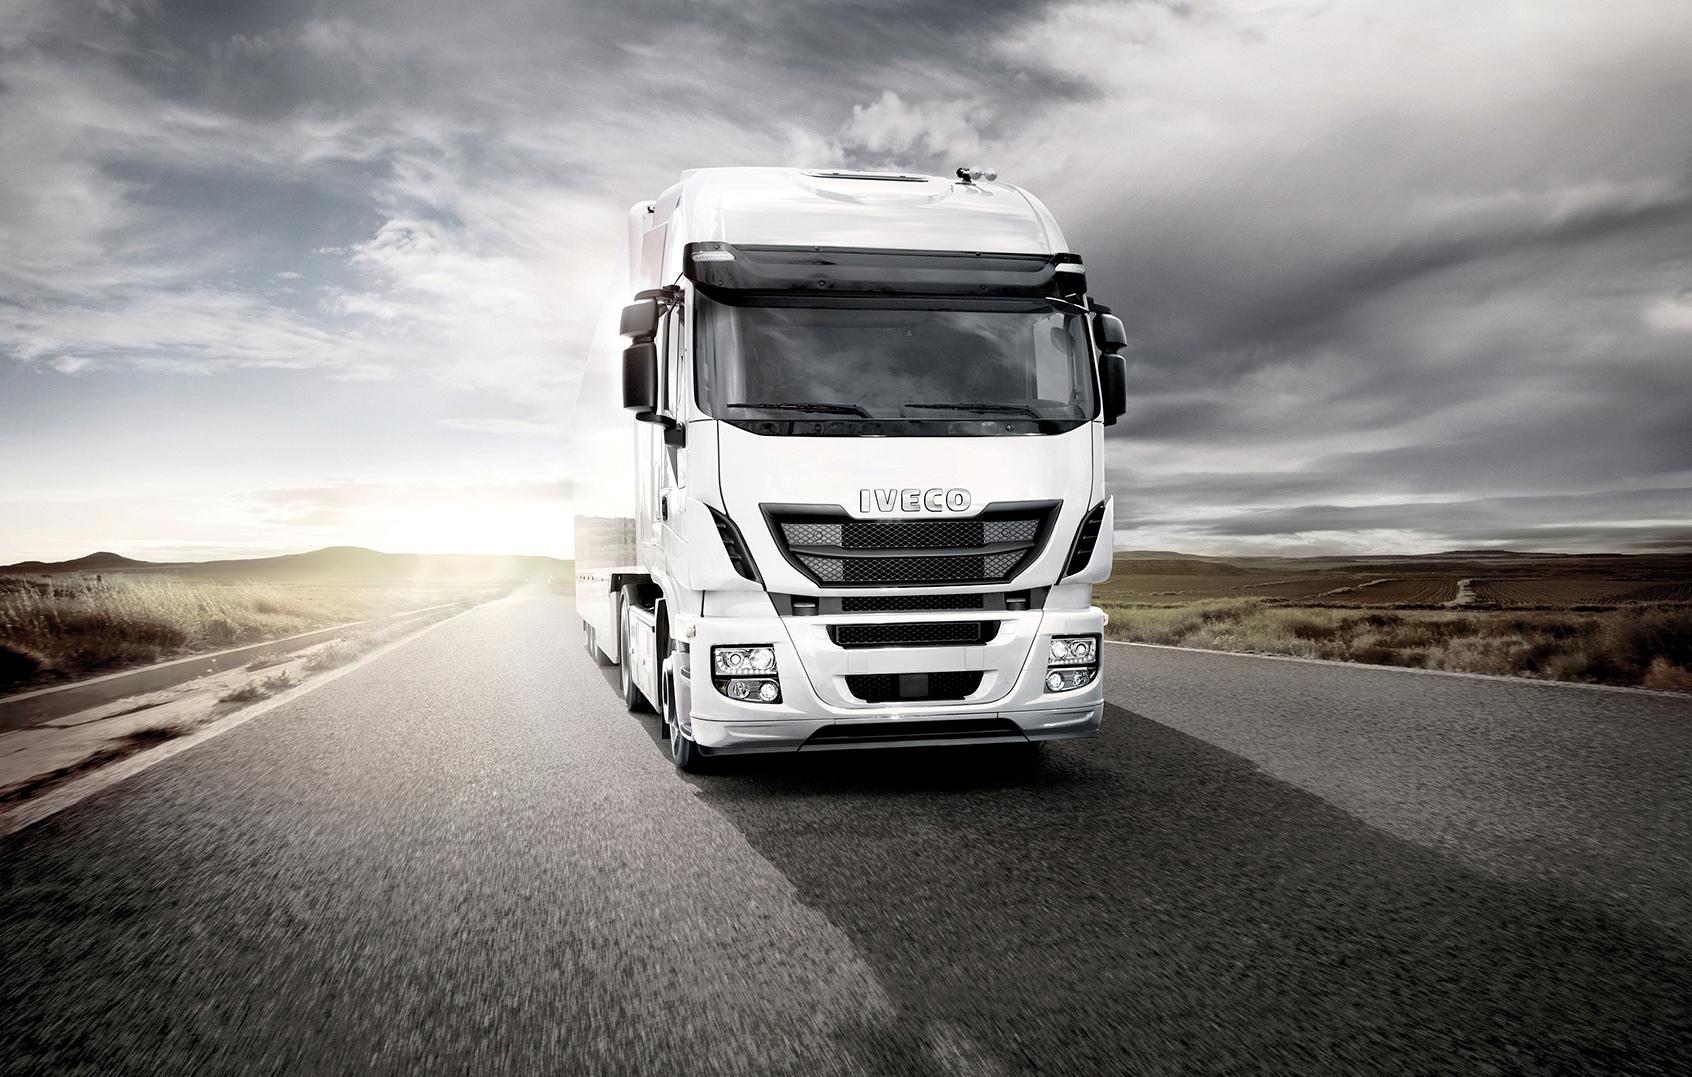 Starptautiskie kravu pārvadājumi uz / no Eiropas valstīm